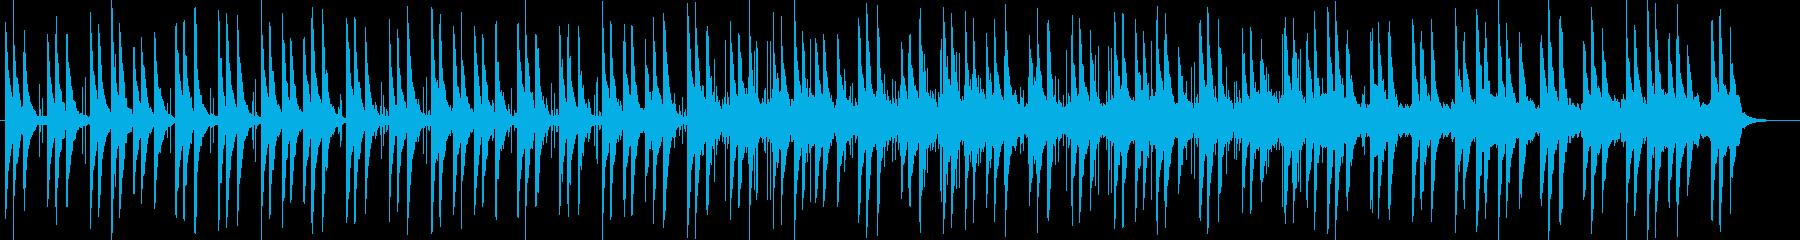 壮大で変則的な音階のオルガンのBGMの再生済みの波形